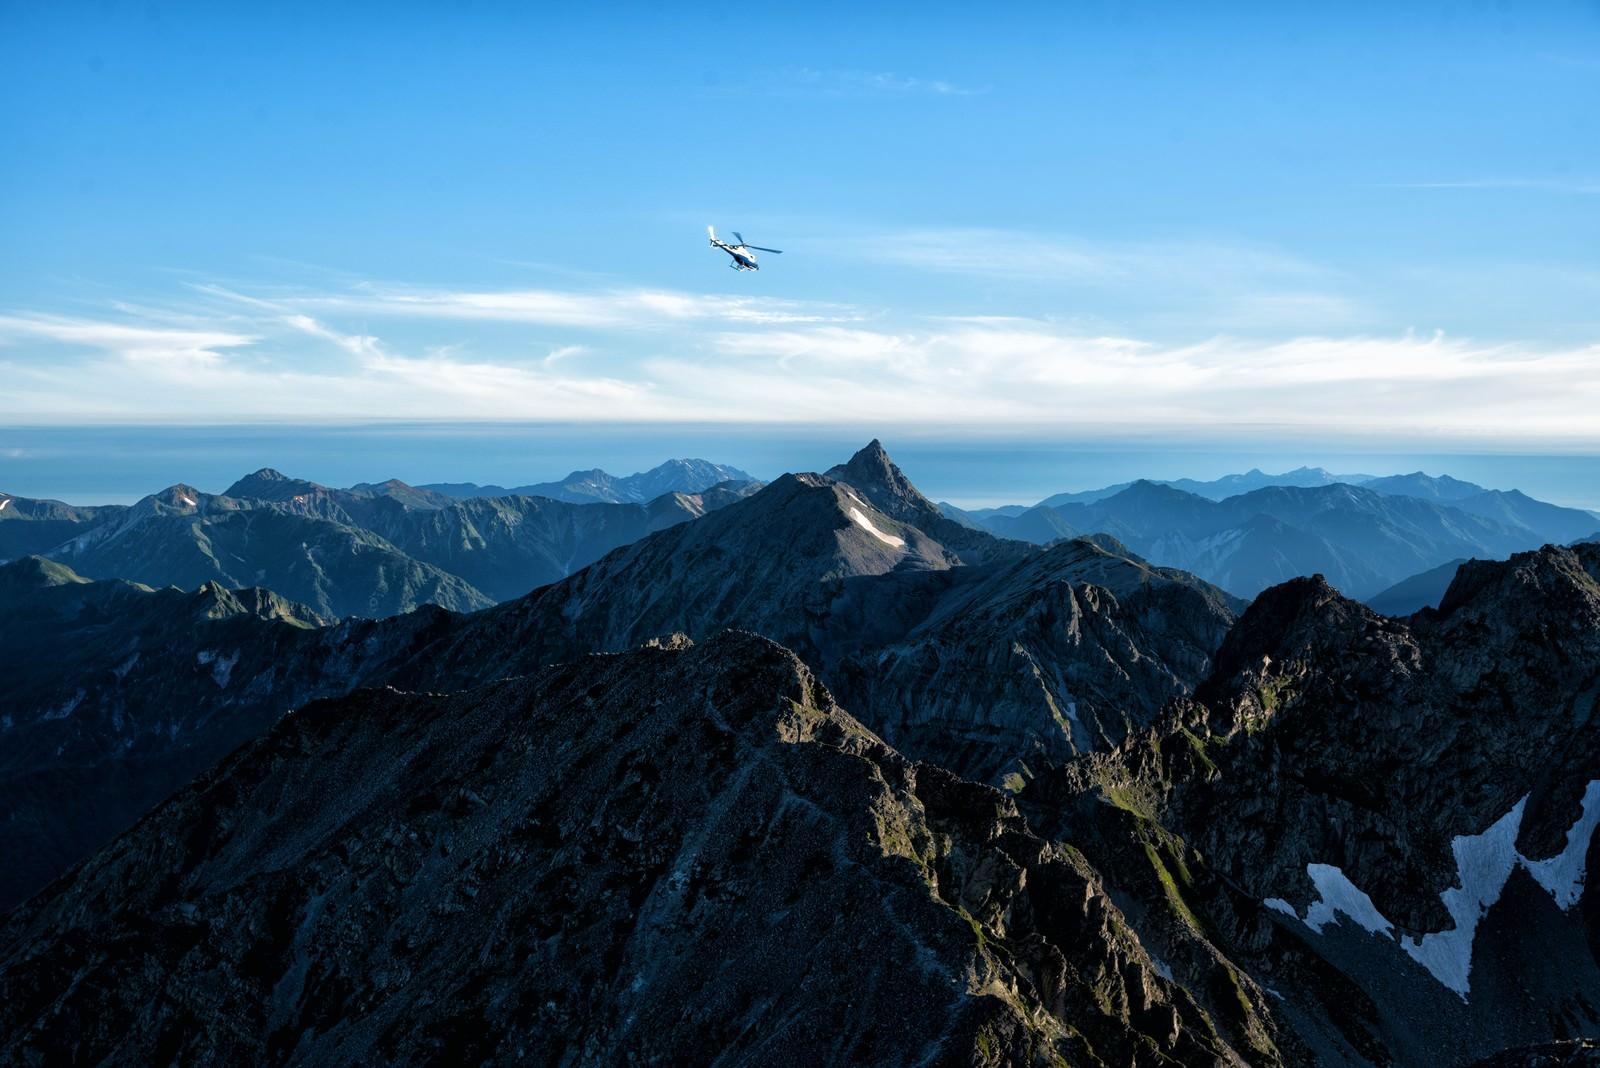 「槍ヶ岳方面に飛び立つヘリコプター」の写真